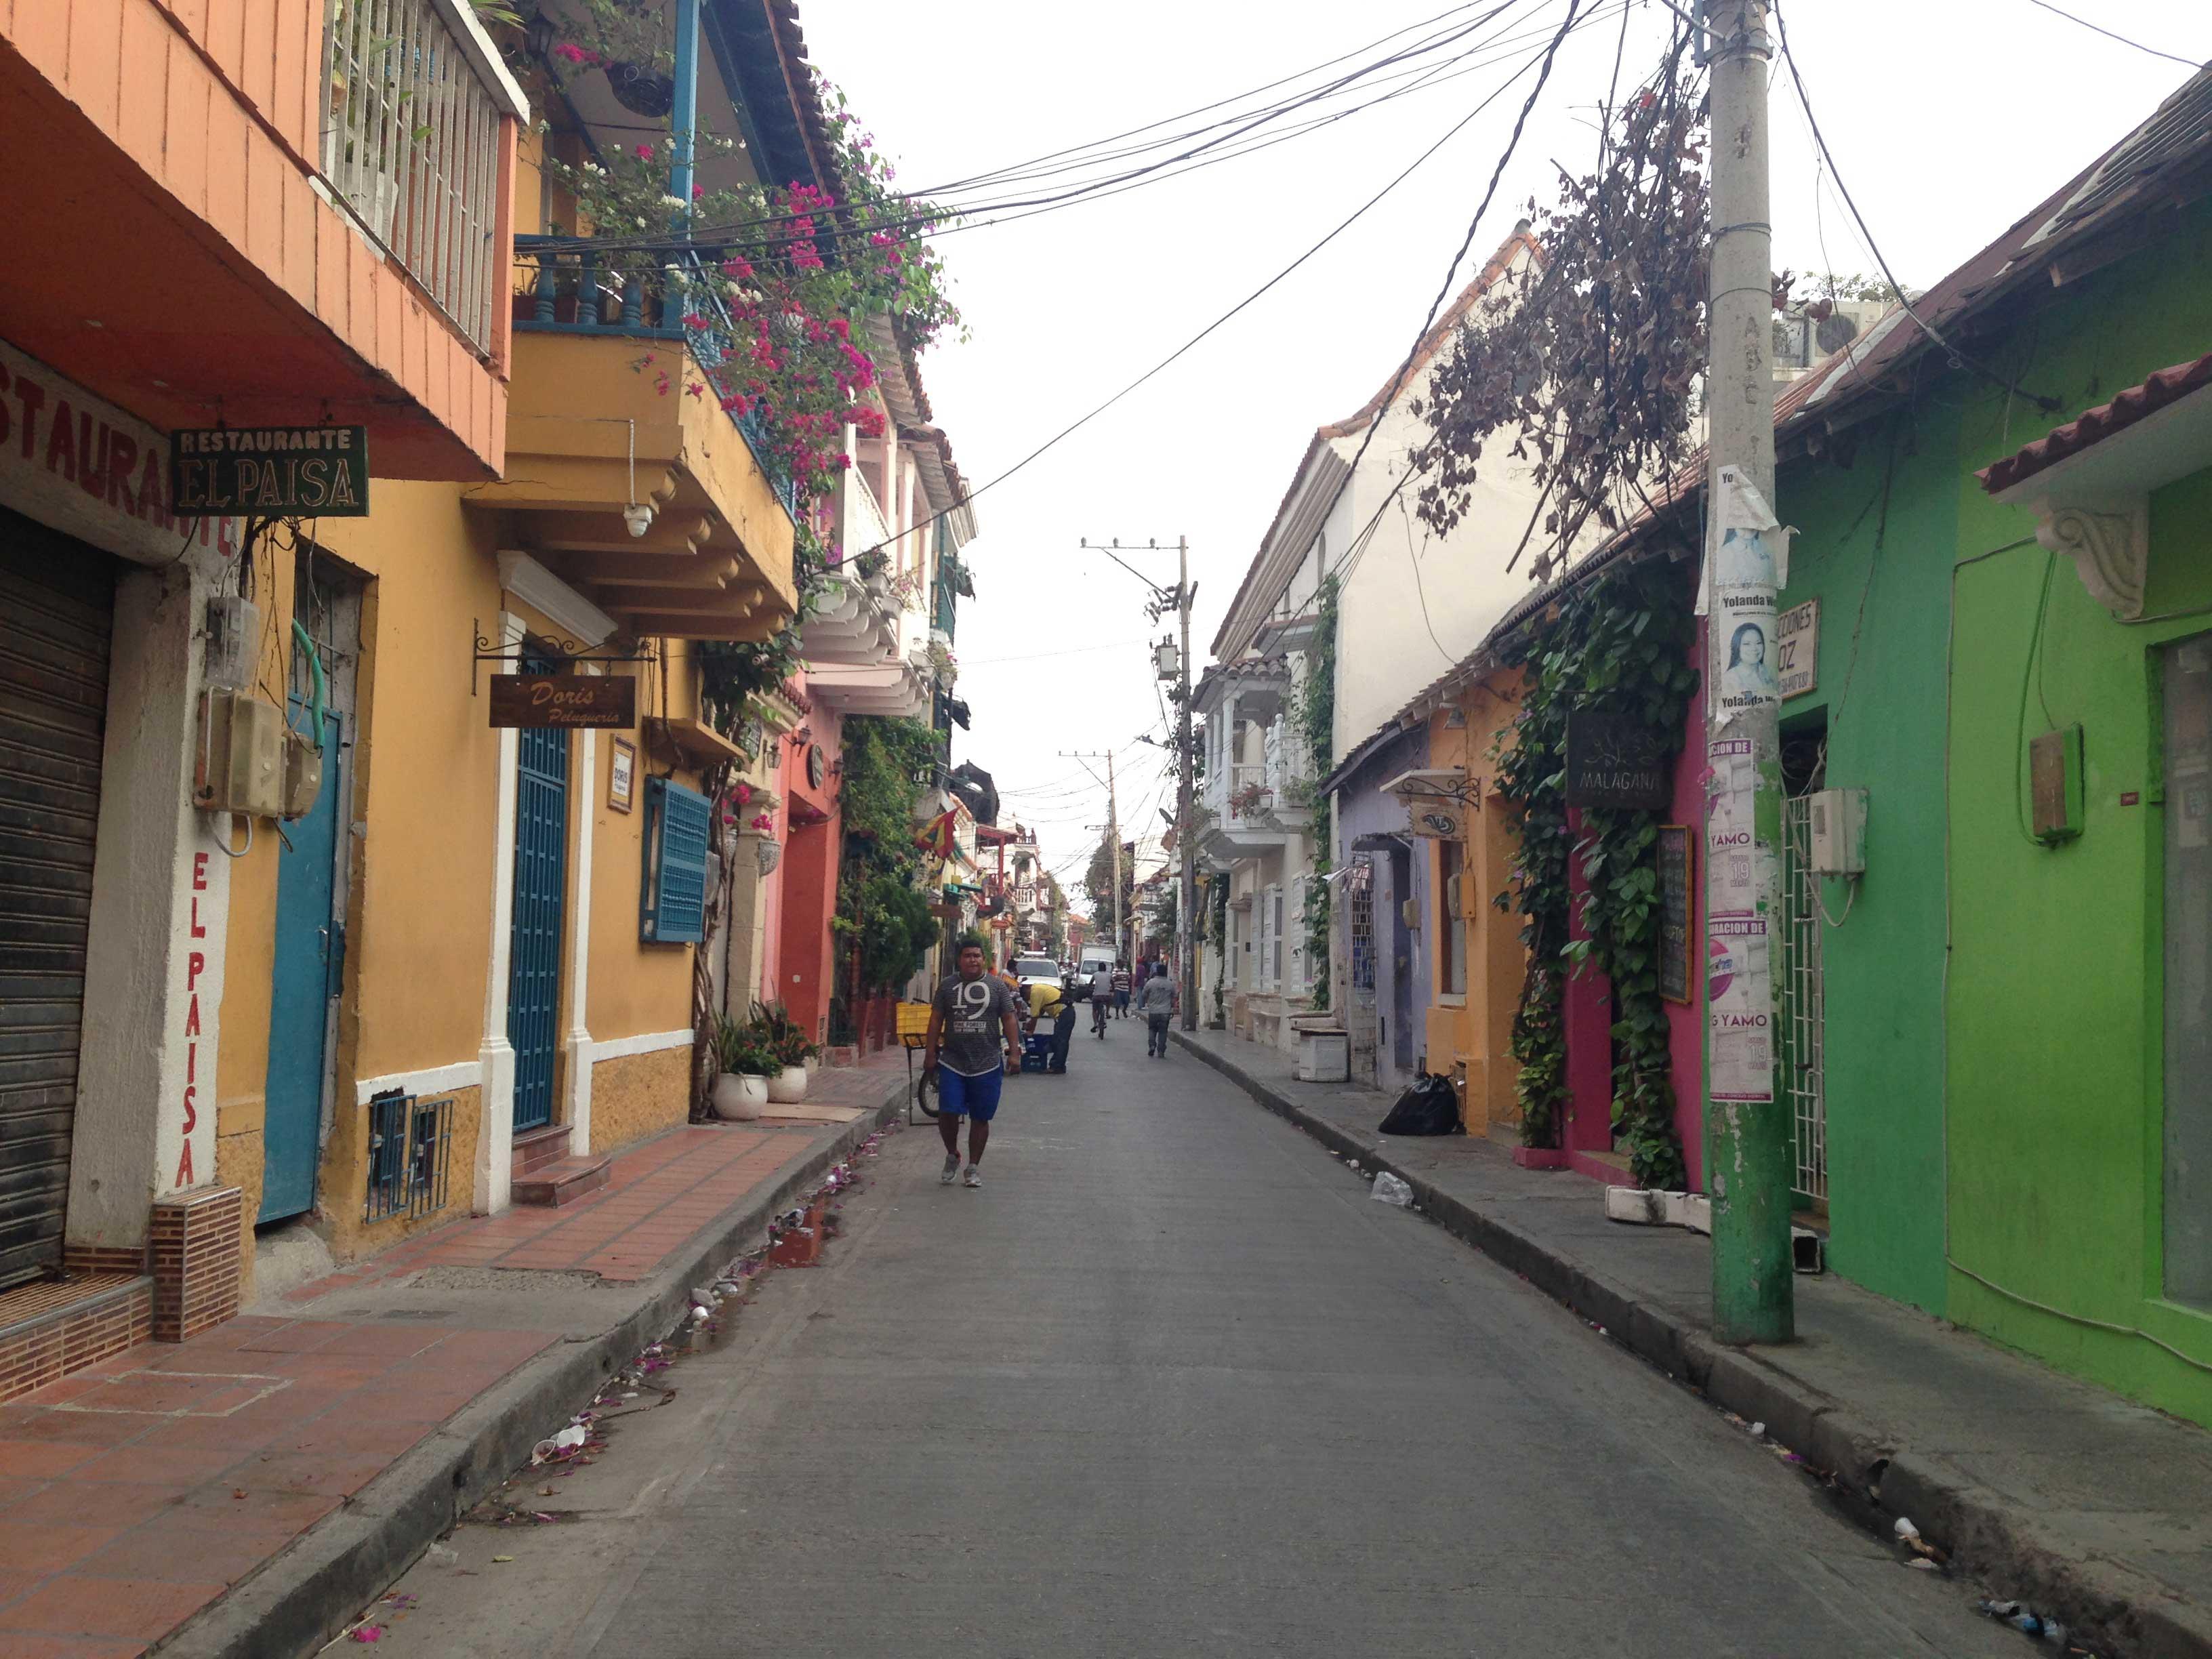 Rua do nosso hostel, cheia de casinhas coloridas